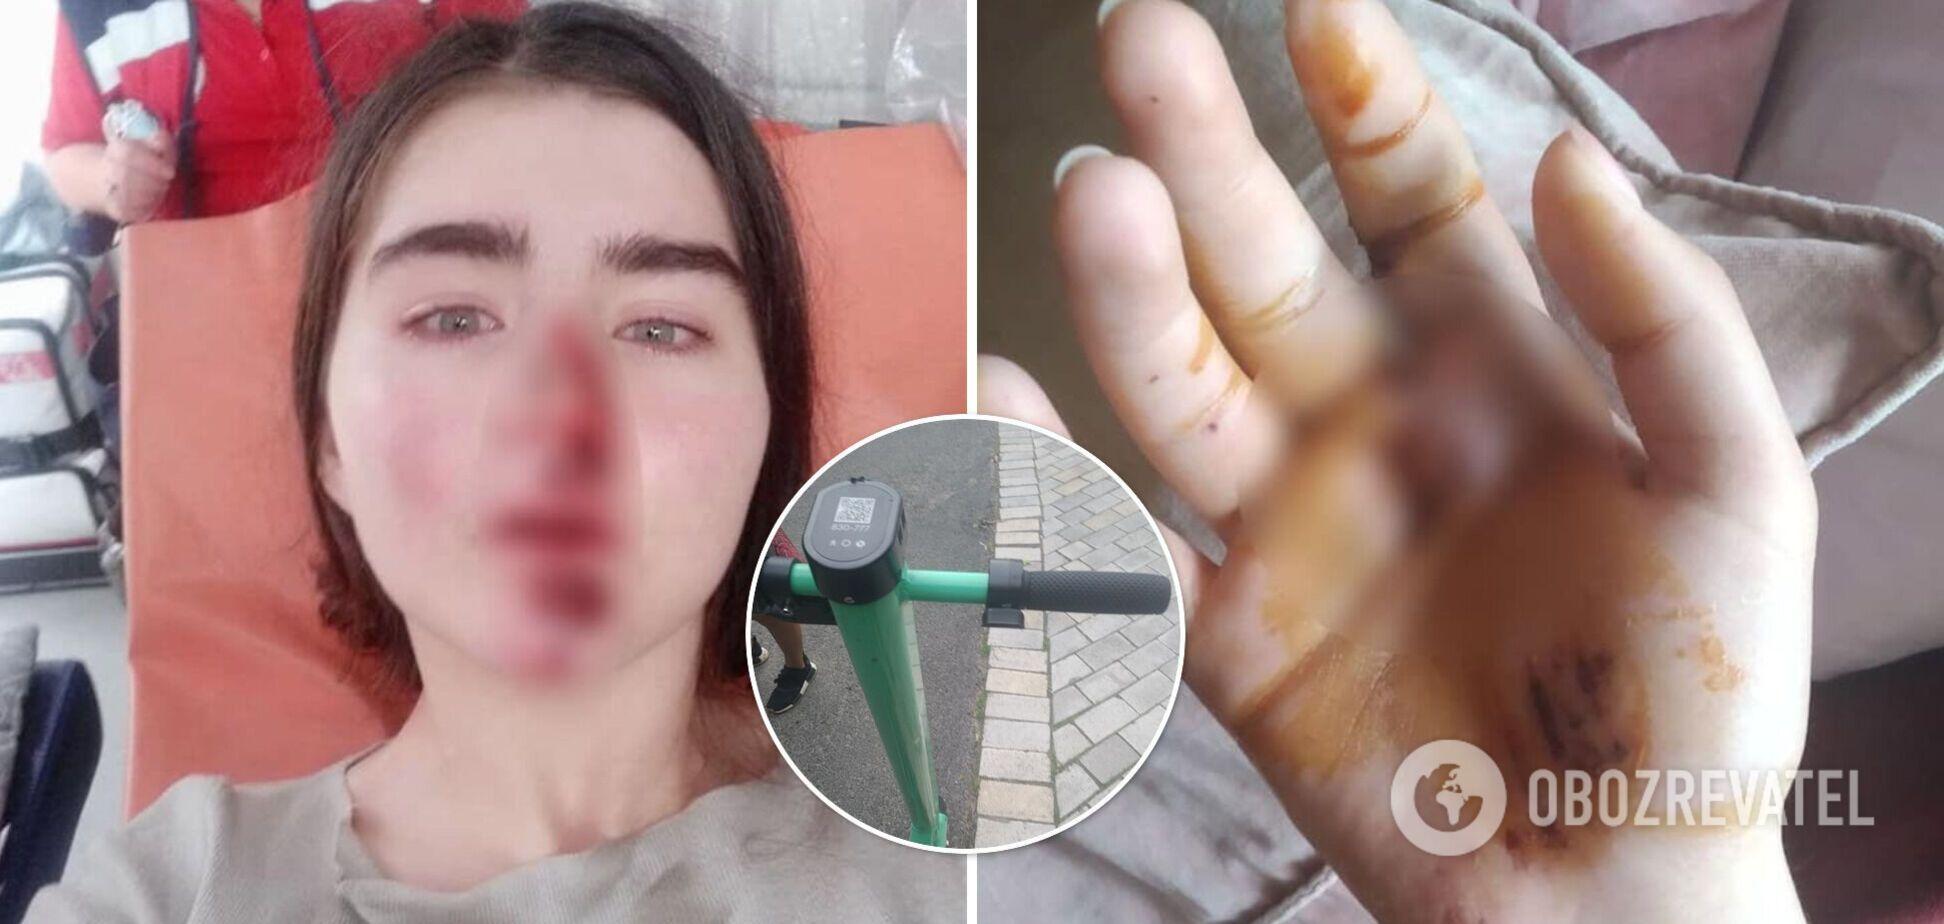 У Києві дівчина розбила обличчя через несправний самокат: за це їй запропонували 200 гривень. Фото